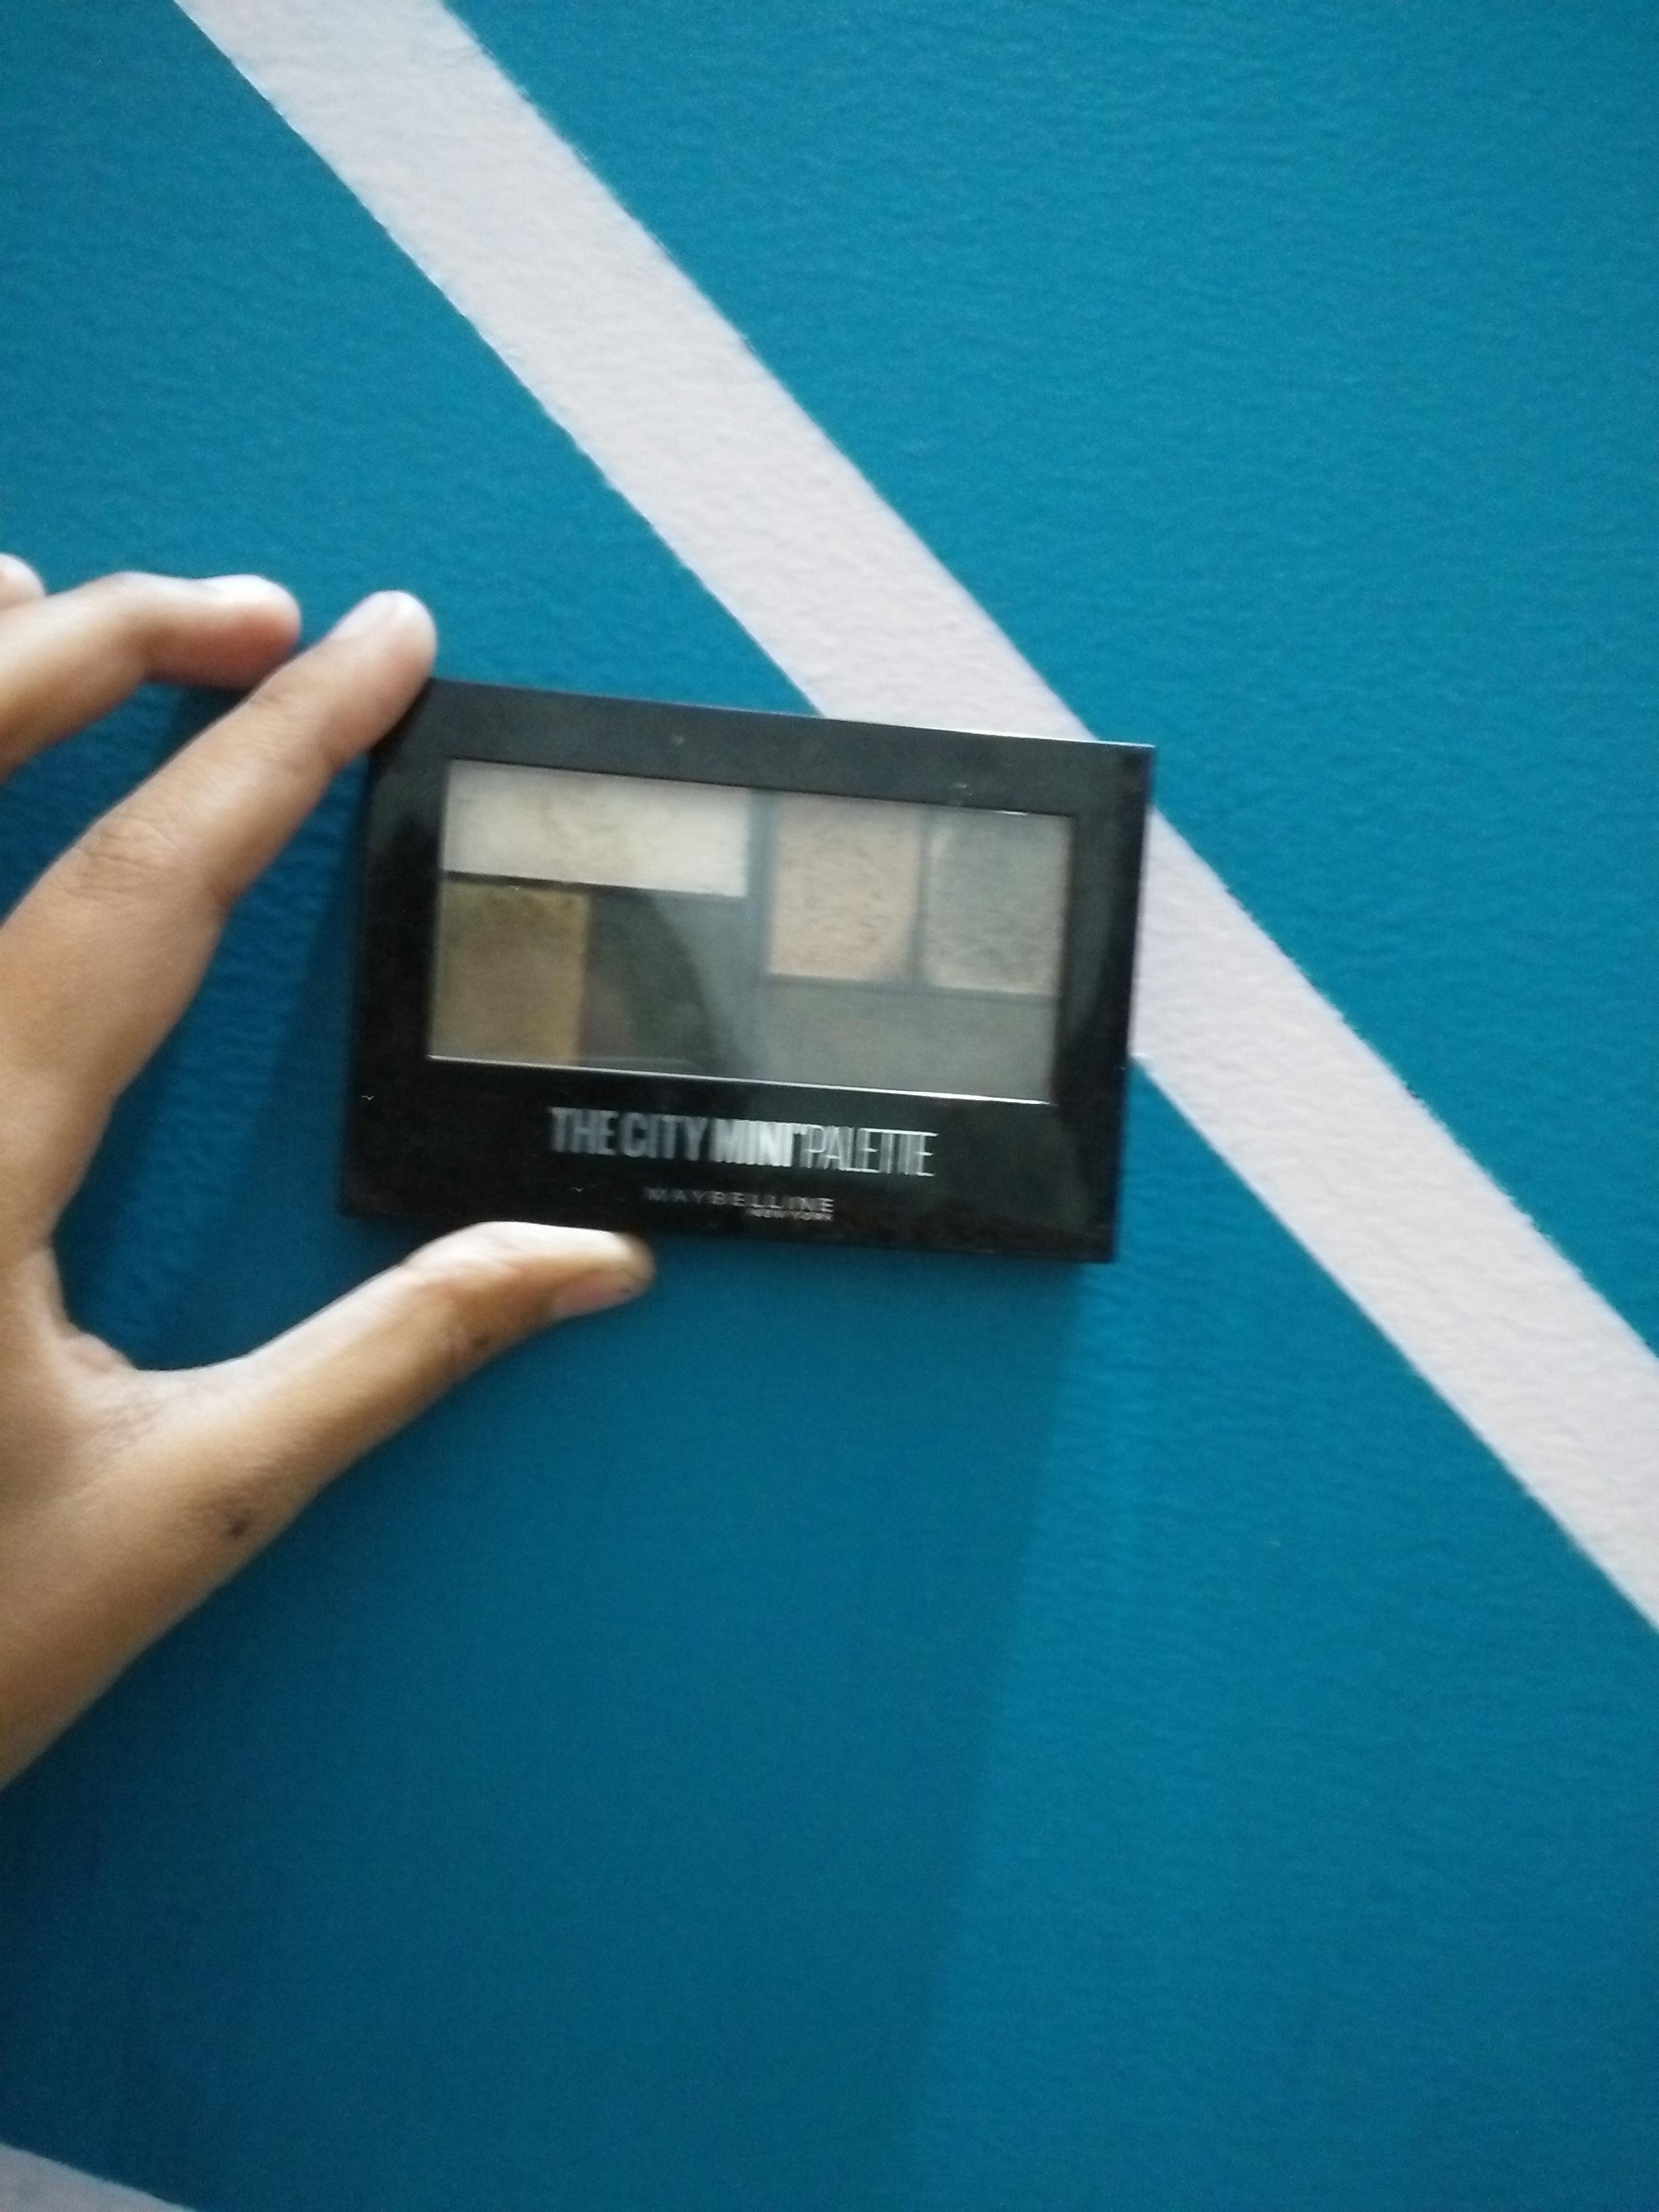 Maybelline New York City Mini Eyeshadow Palette -Lovely shades-By ariba